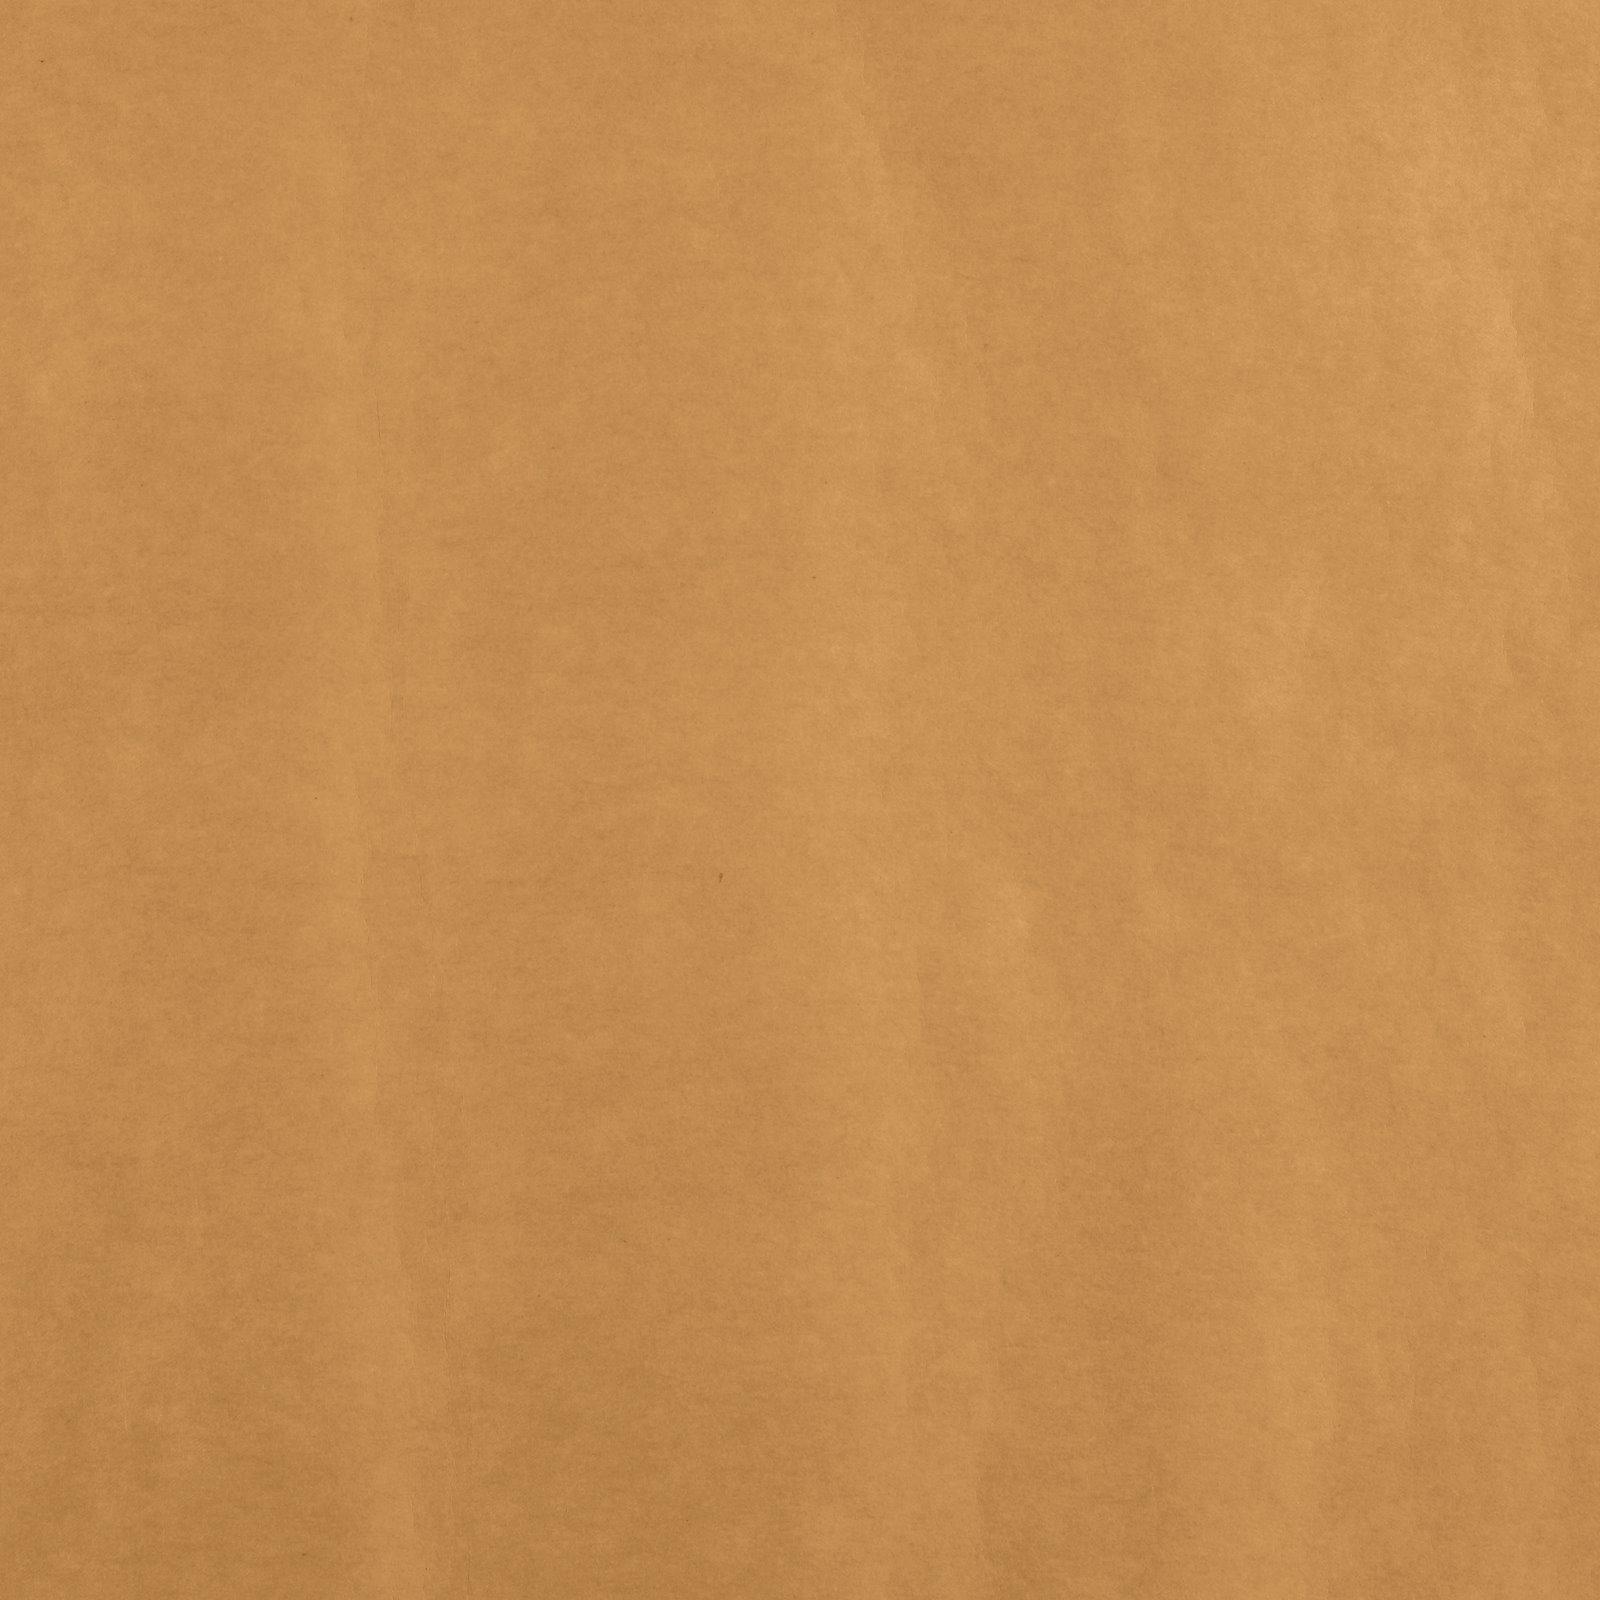 PAP FAB cognac 75x100cm 95502_pack